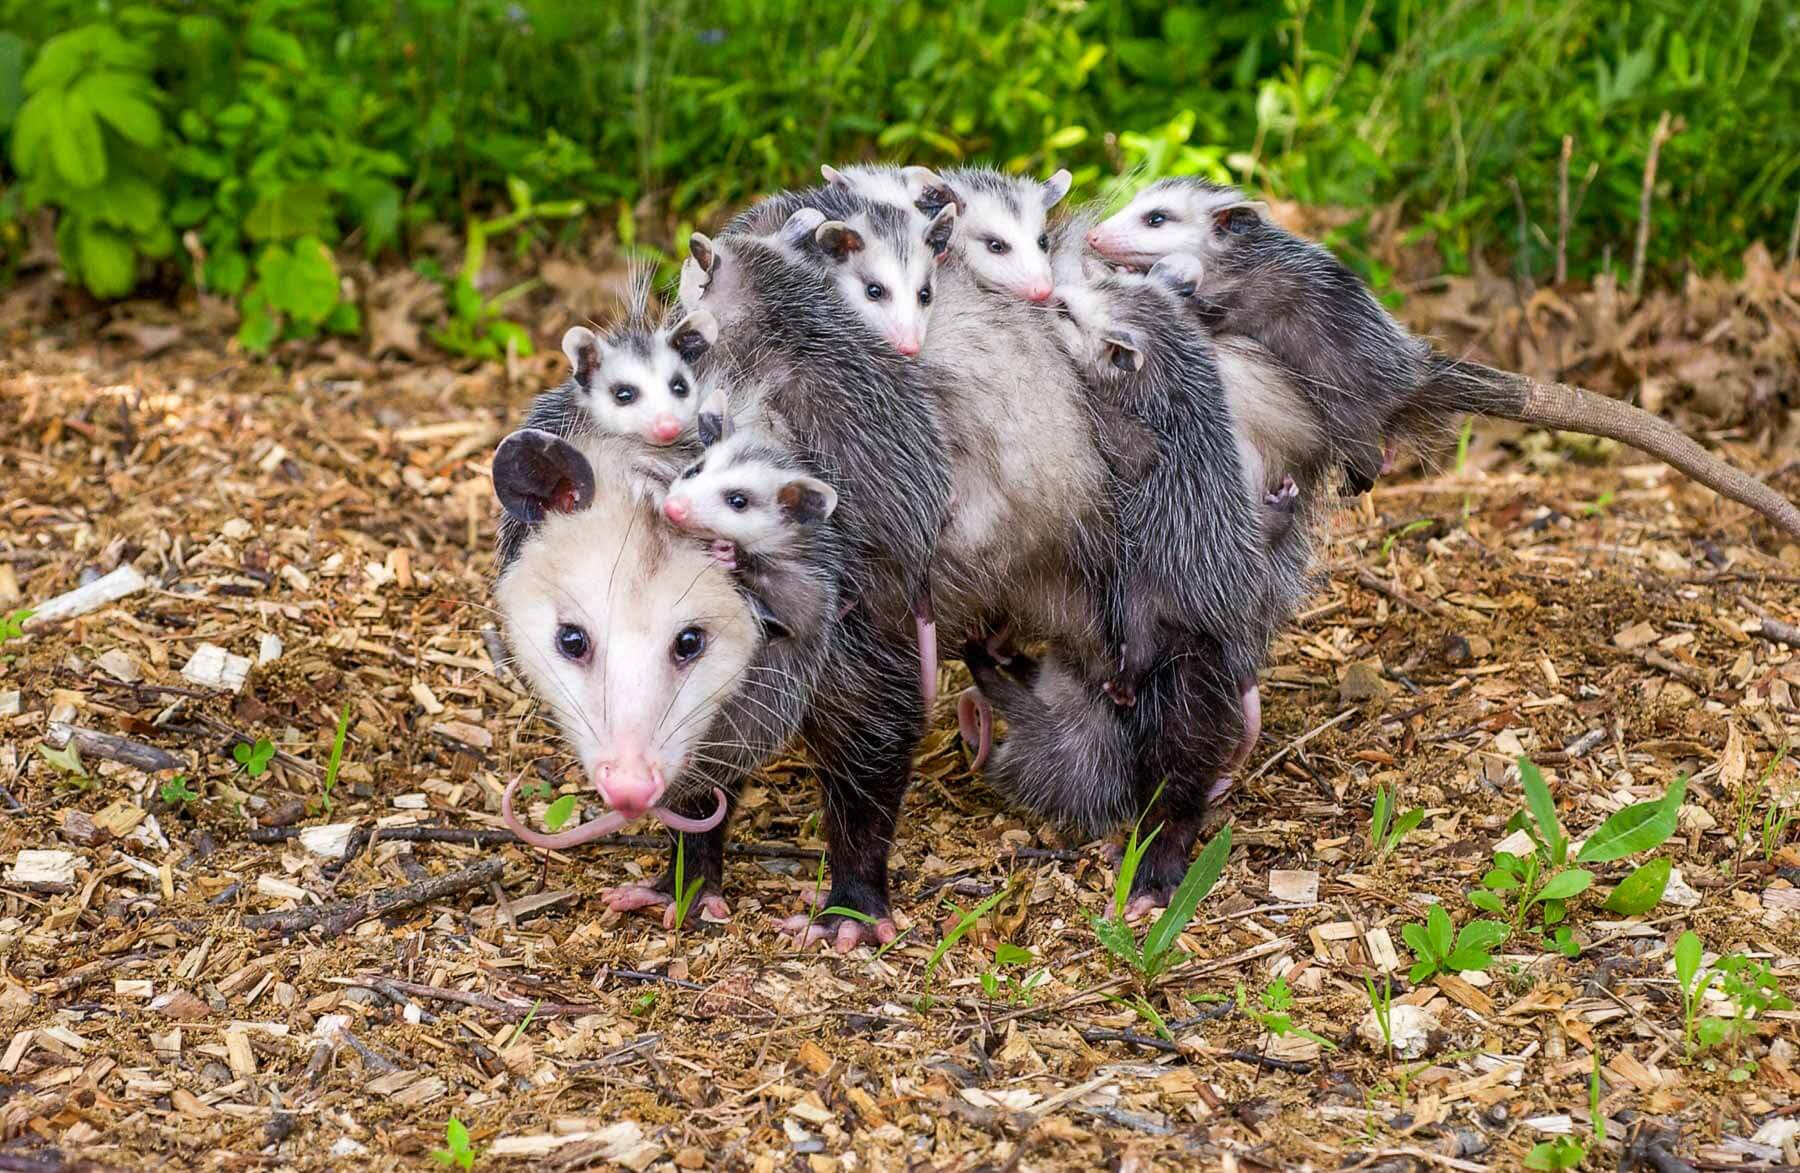 Shoot a Possum in your Backyard